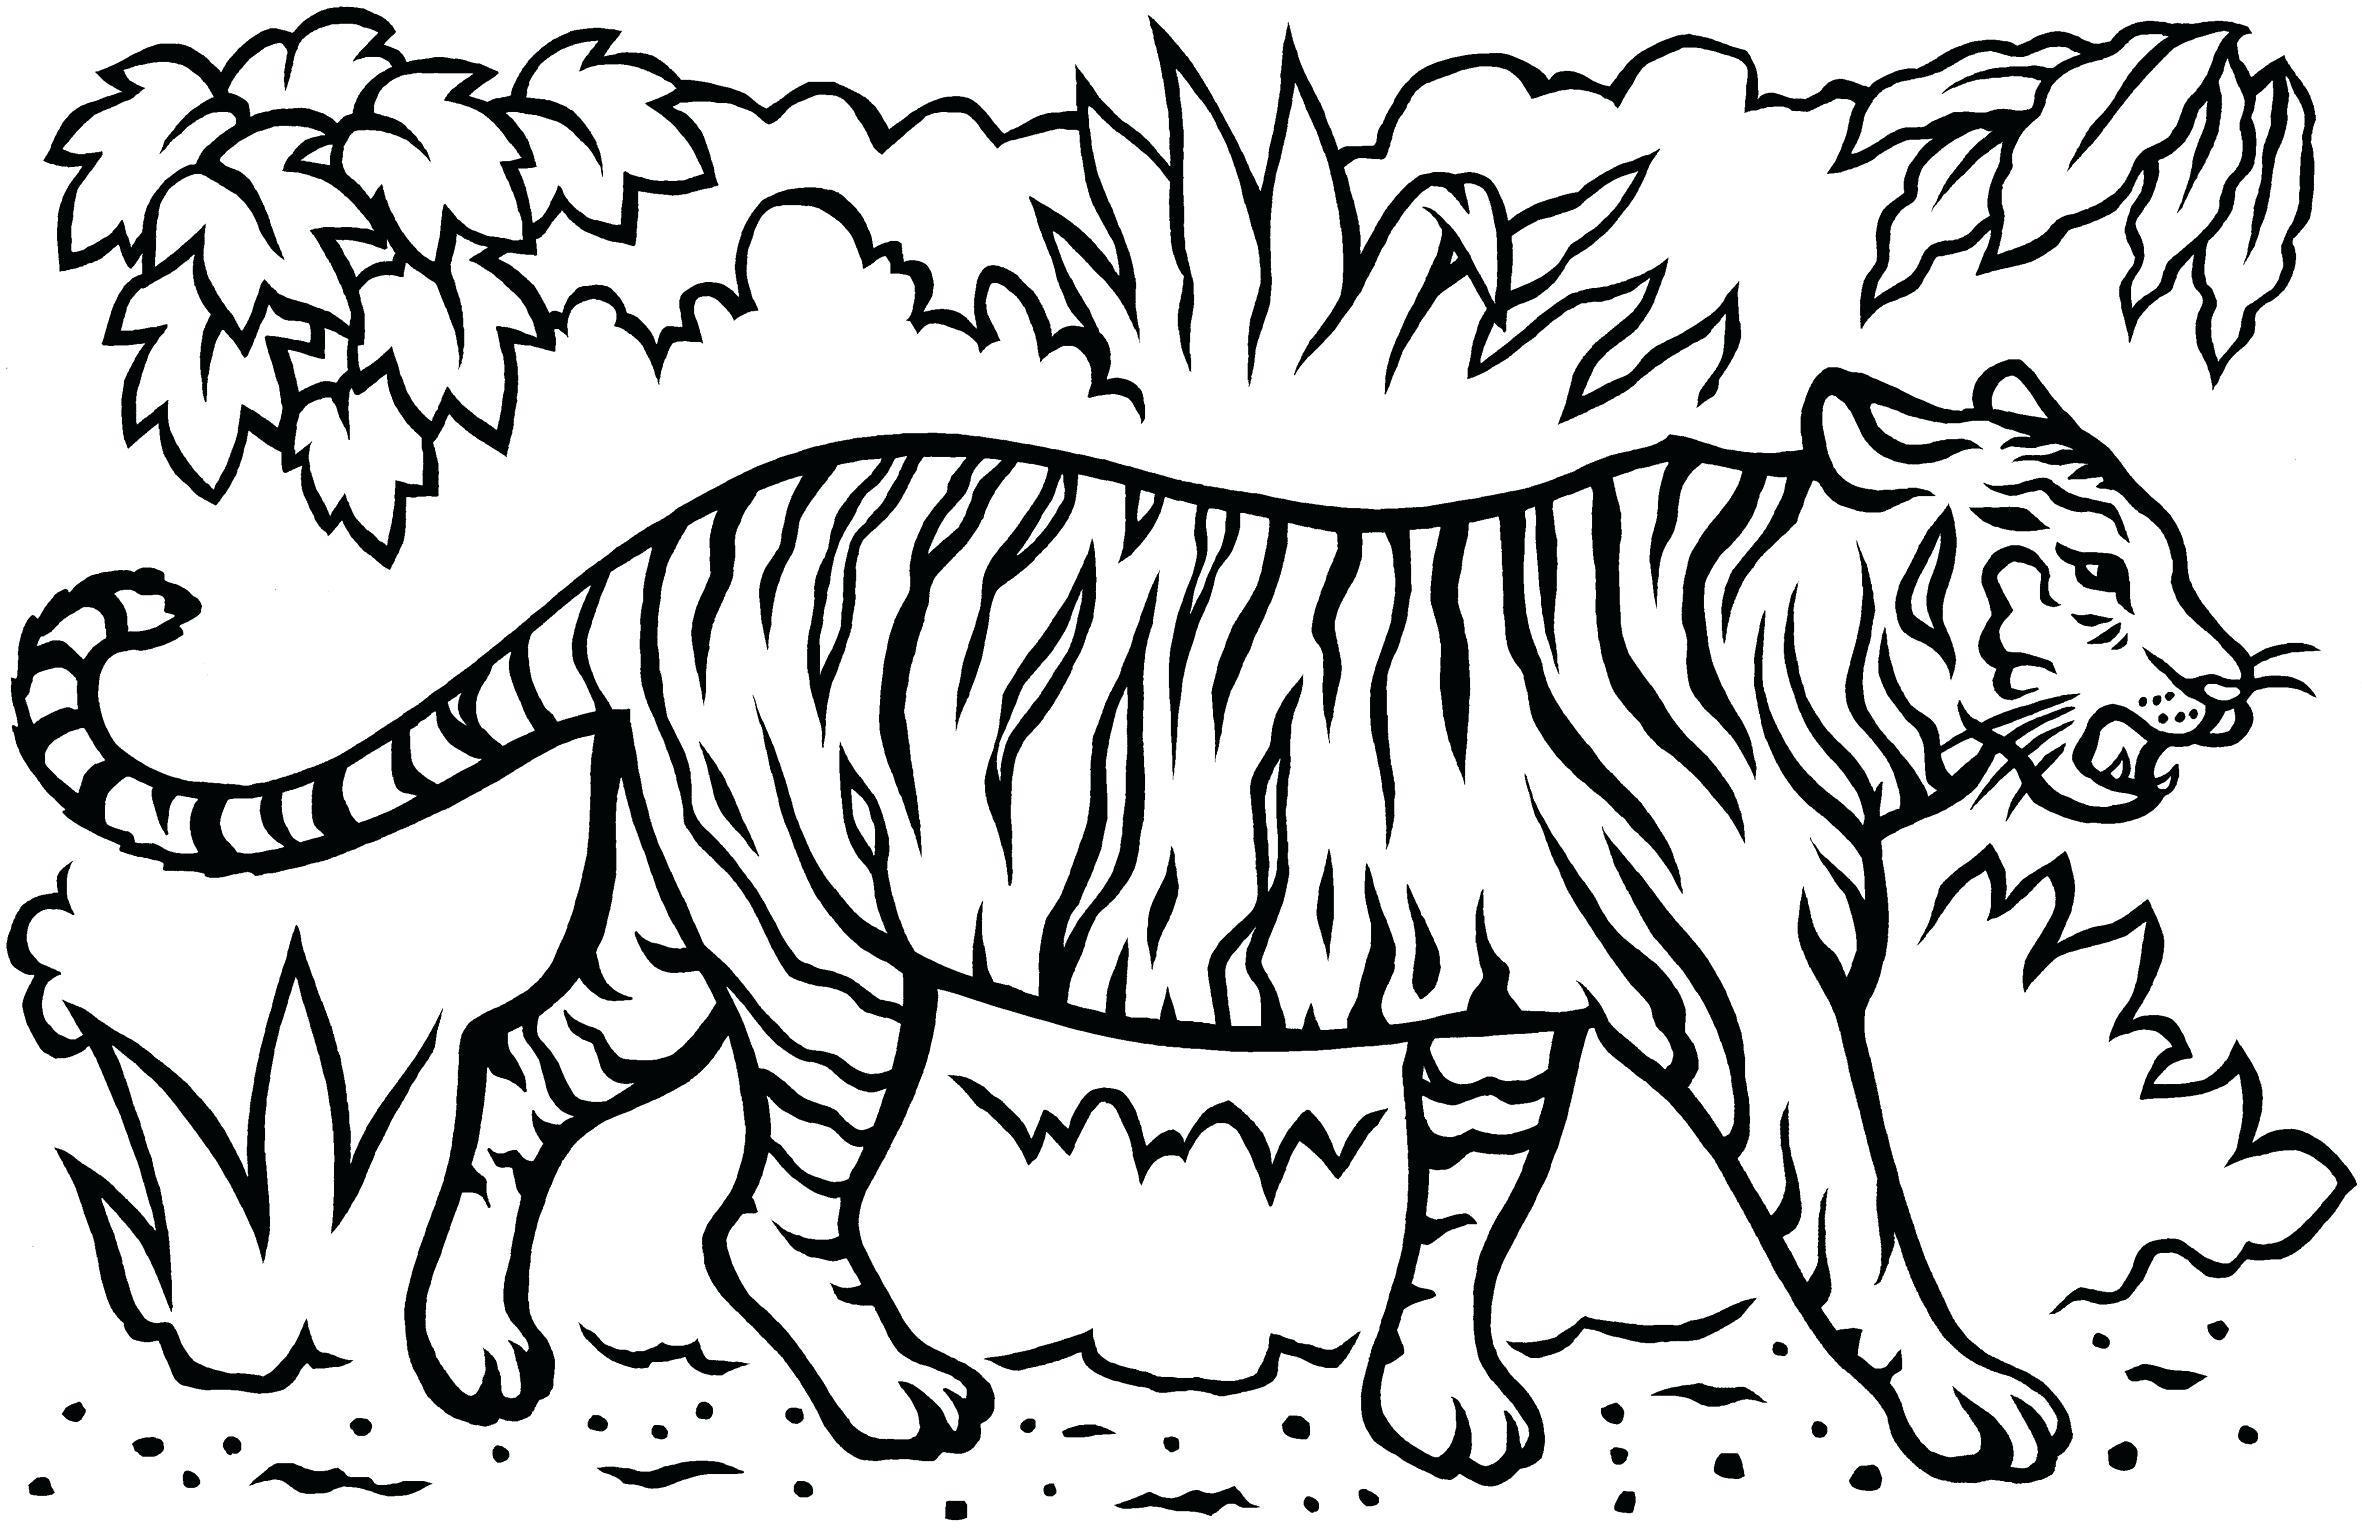 Tranh tô màu con hổ bước đi trong rừng